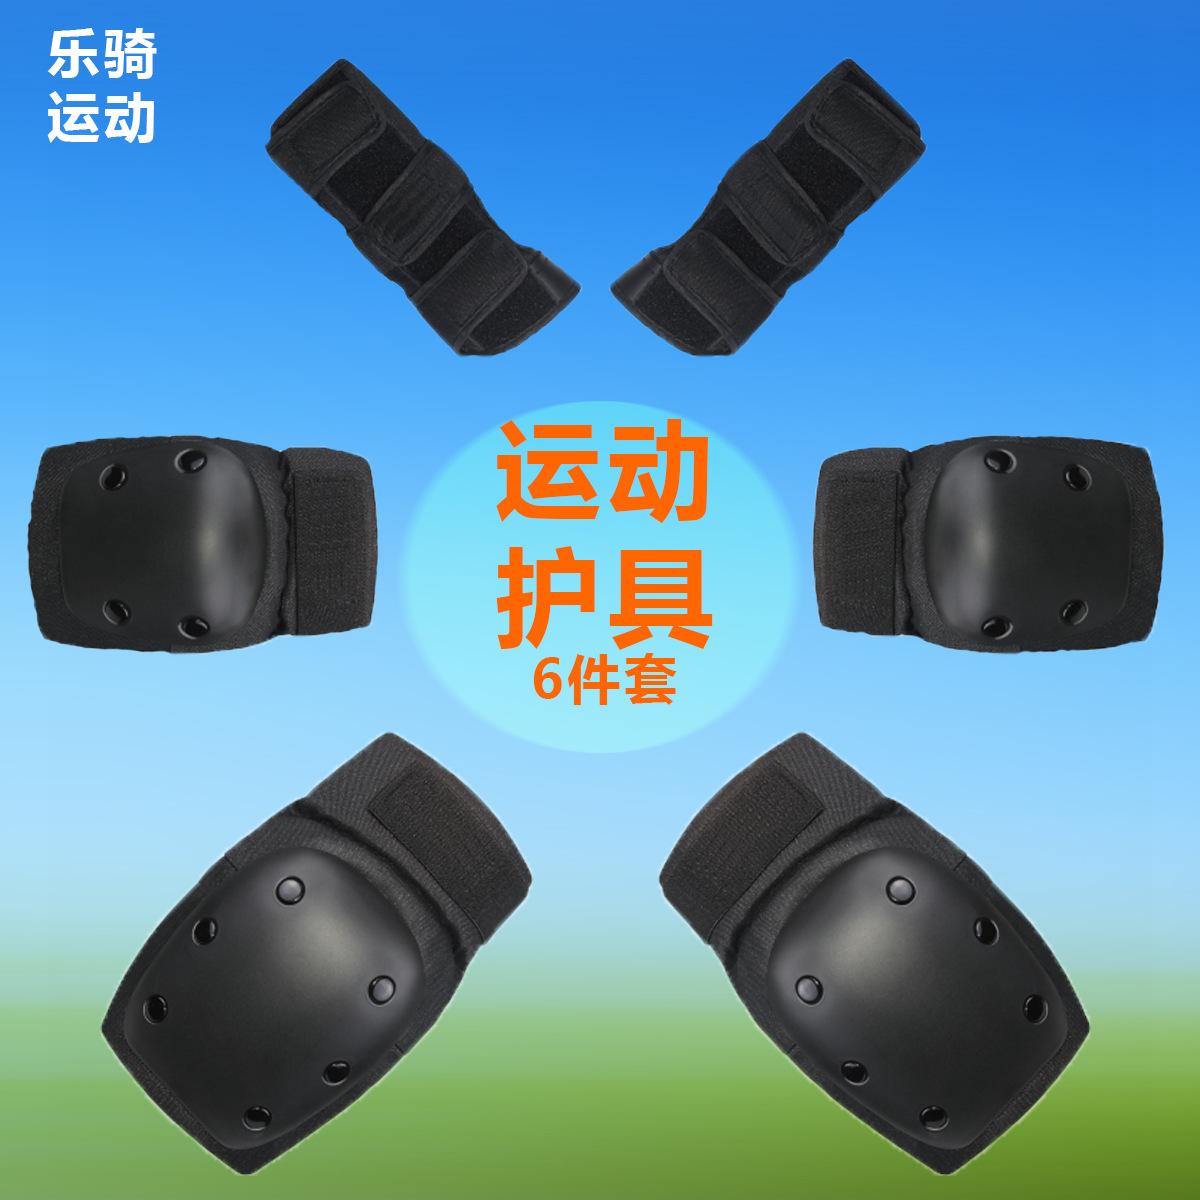 儿童成人套装护具轮滑护具运动护具儿童骑行护具护膝护肘护掌